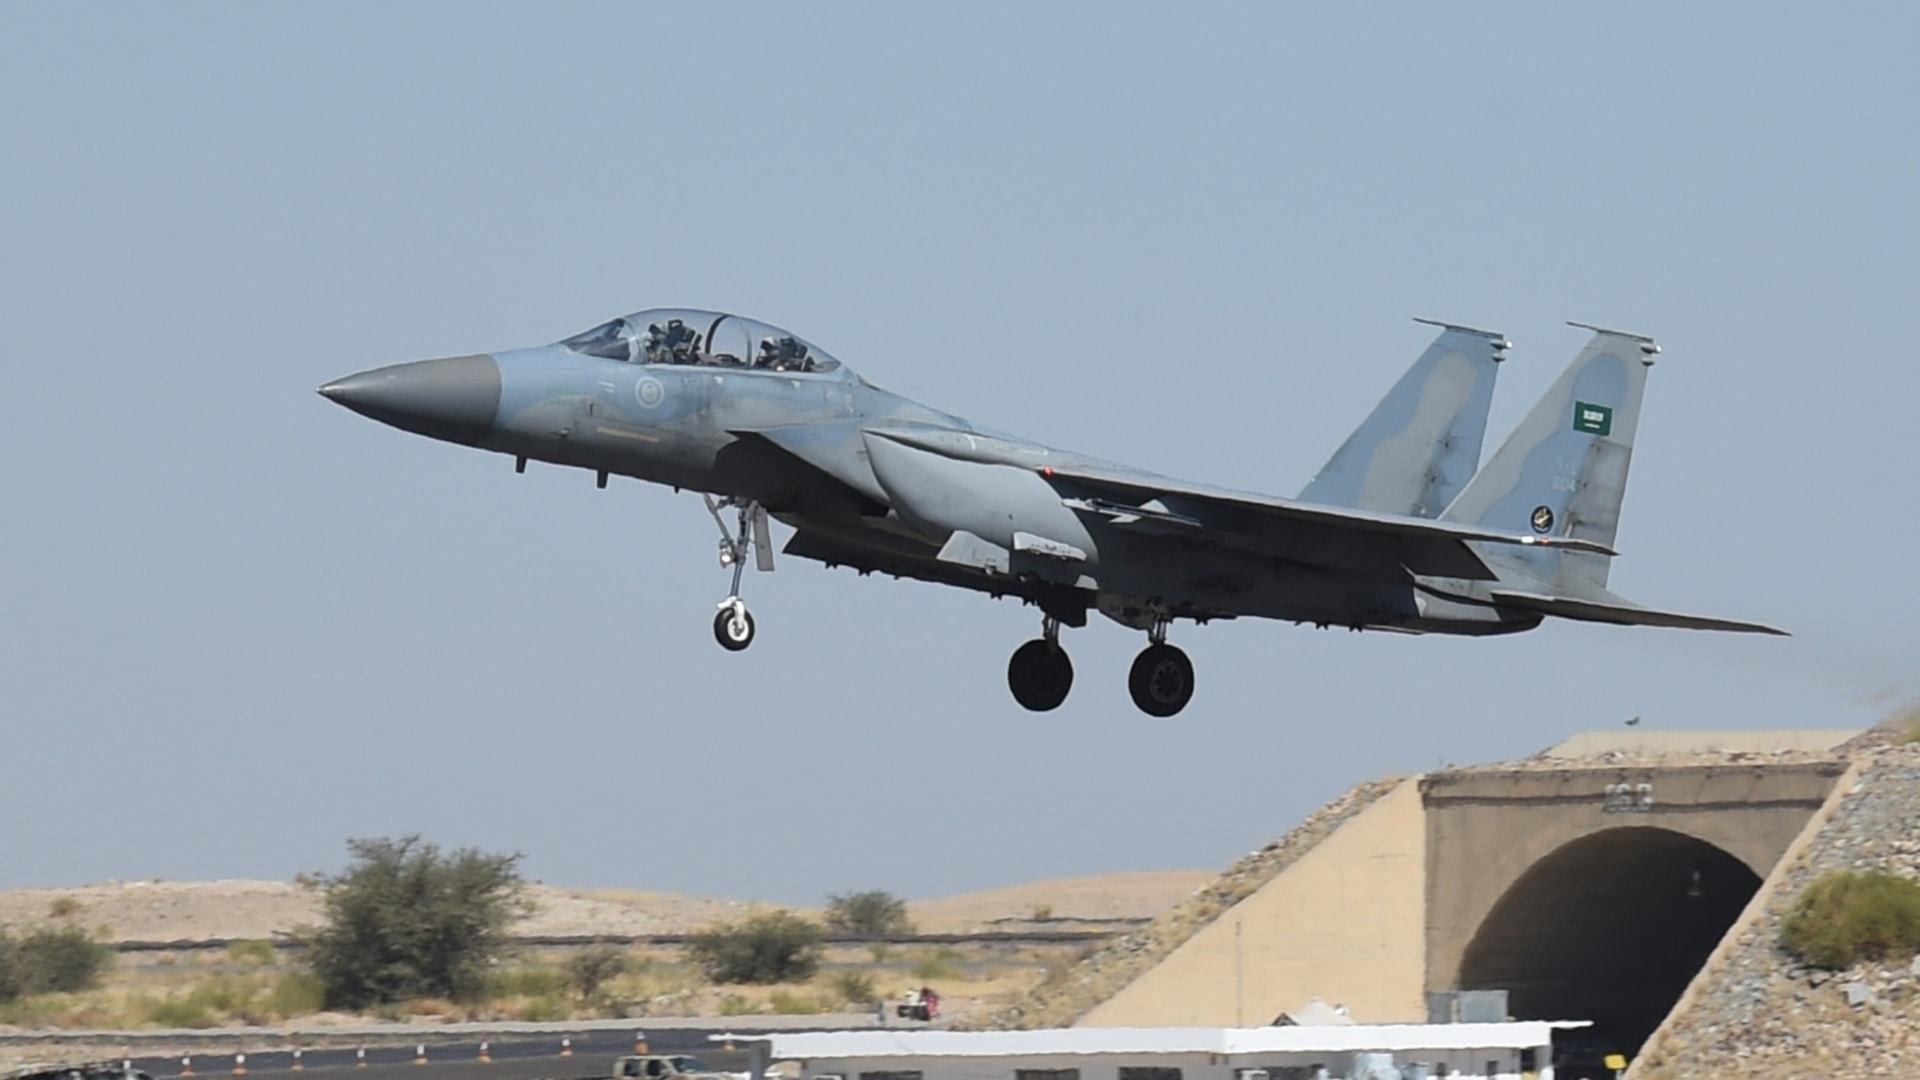 """التحالف بقيادة السعودية يعلن بدء عملية """"نوعية"""" عبر ضربات جوية """"مُوجعة"""" ضد الحوثيين في اليمن"""